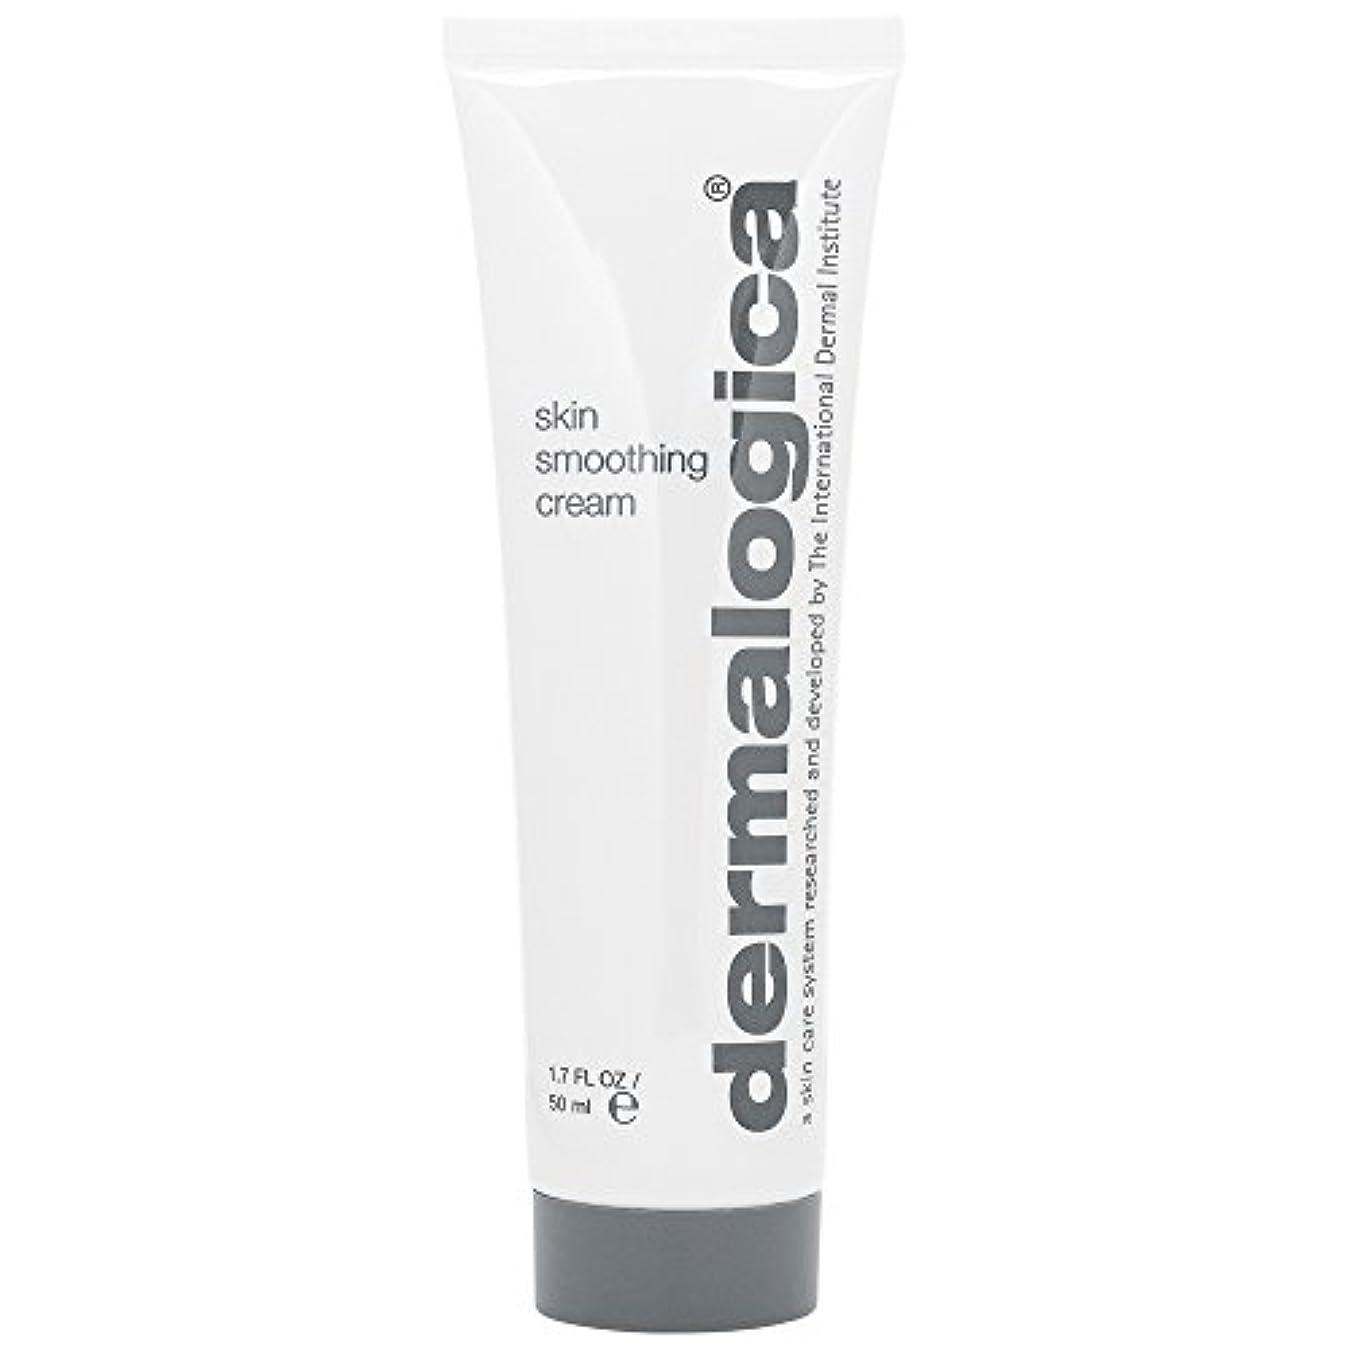 ごめんなさい期間豊かなダーマロジカスキンスムージングクリーム50ミリリットル (Dermalogica) (x2) - Dermalogica Skin Smoothing Cream 50ml (Pack of 2) [並行輸入品]